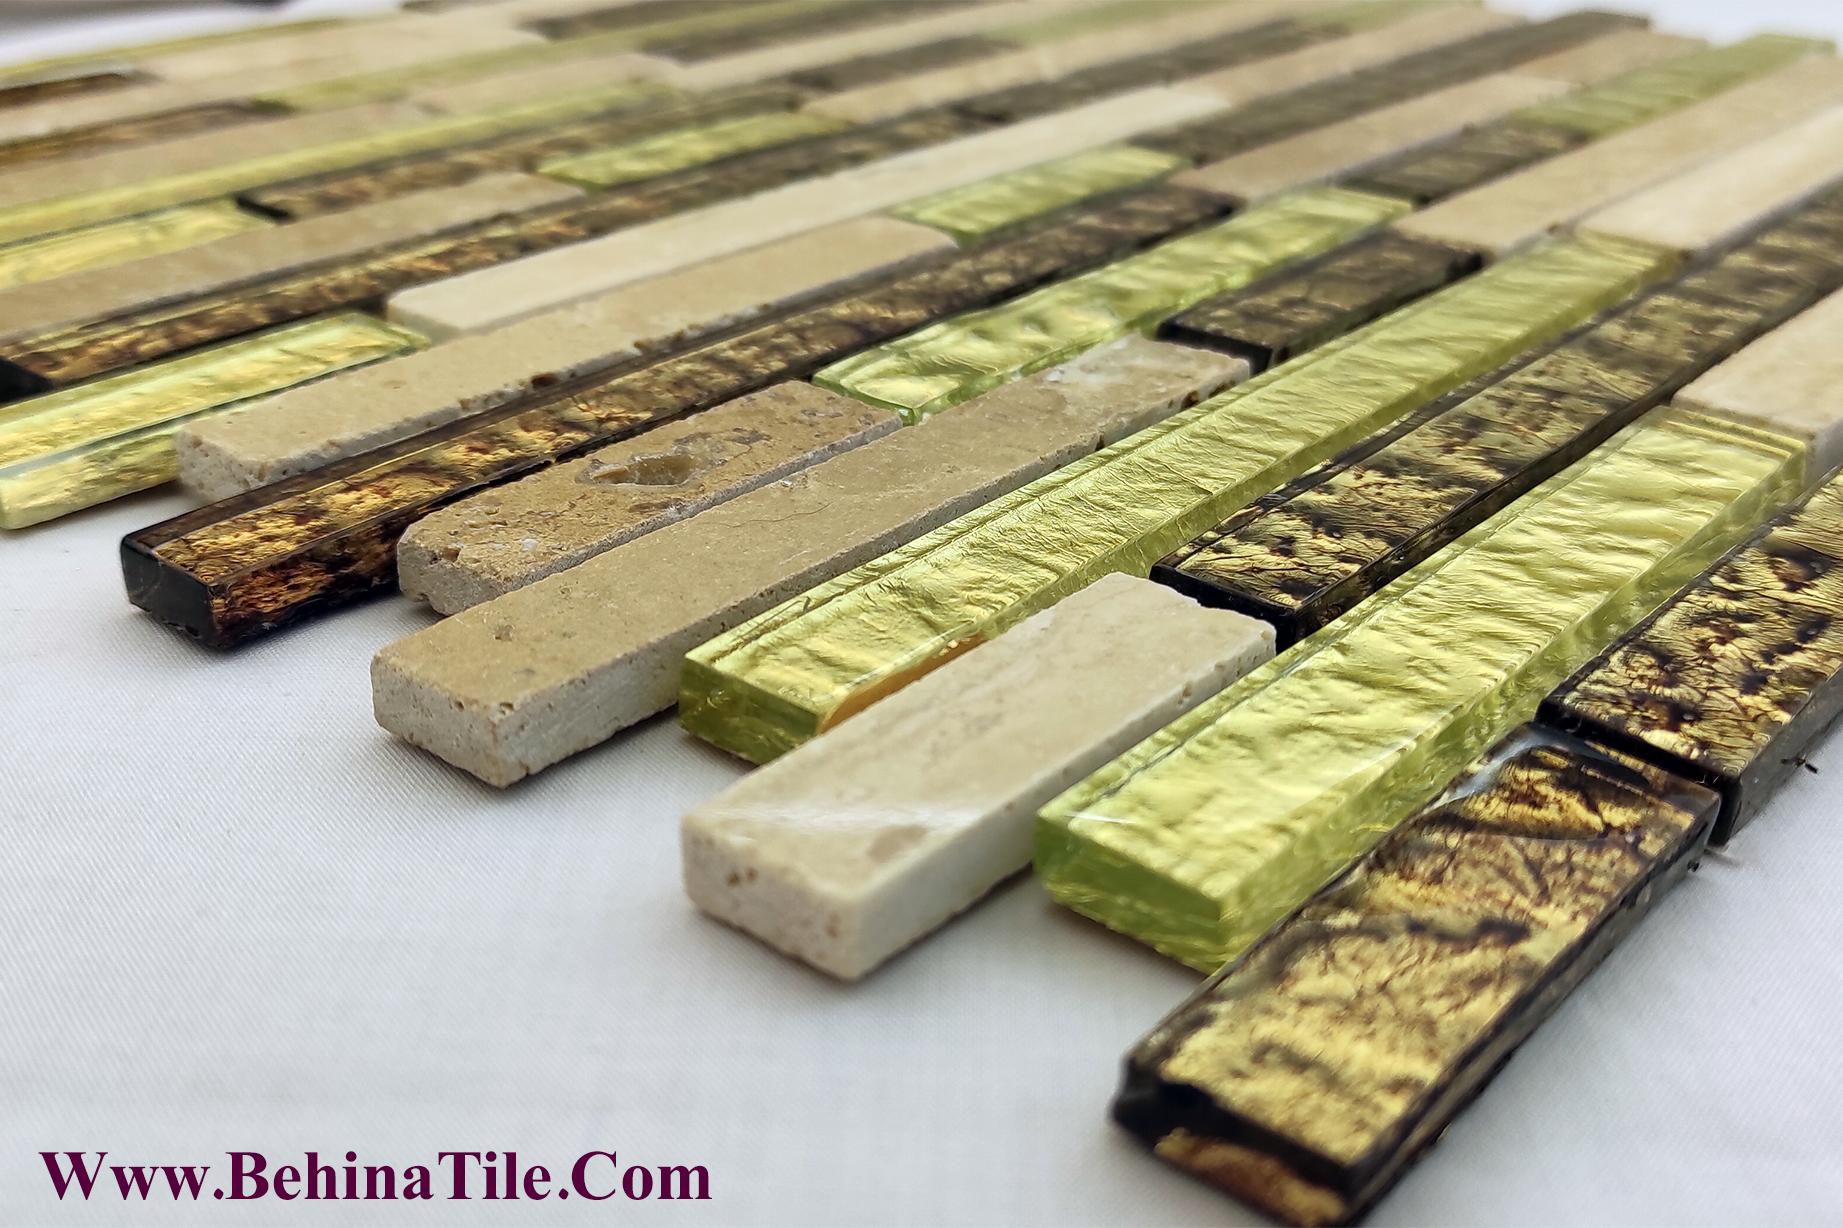 کاشی ترکیبی شیشه و سنگ طبیعی